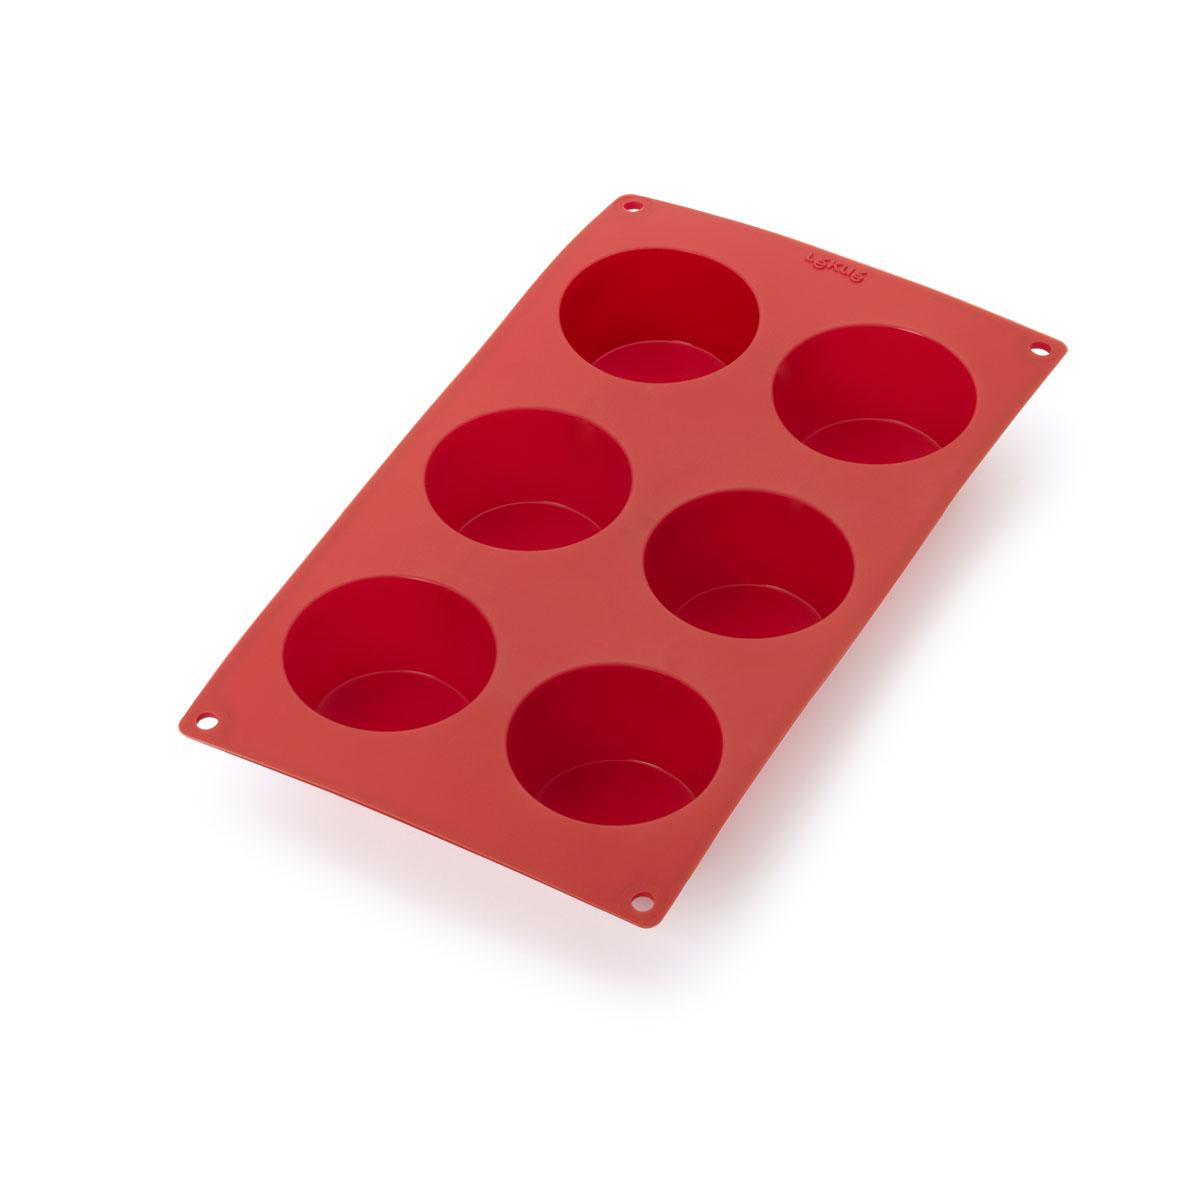 Форма для выпечки Lekue Маффины, цвет: красный. 0620806R01M0220620806R01M022Форма для выпечки Lekue Маффины поможет вам получить профессиональные и красивые изделия в домашних условиях. Форма обладает антипригарными свойствами, ее легко использовать, мыть и хранить. Отделять готовые изделия от формочек несложно, при этом не надо смазывать их жиром или маслом. Характеристики: Материал: силикон. Цвет: красный. Размер формы: 30 см х 17 см х 6,5 см. Размер ячейки: 6,5 см х 4 см х 6,5 см.